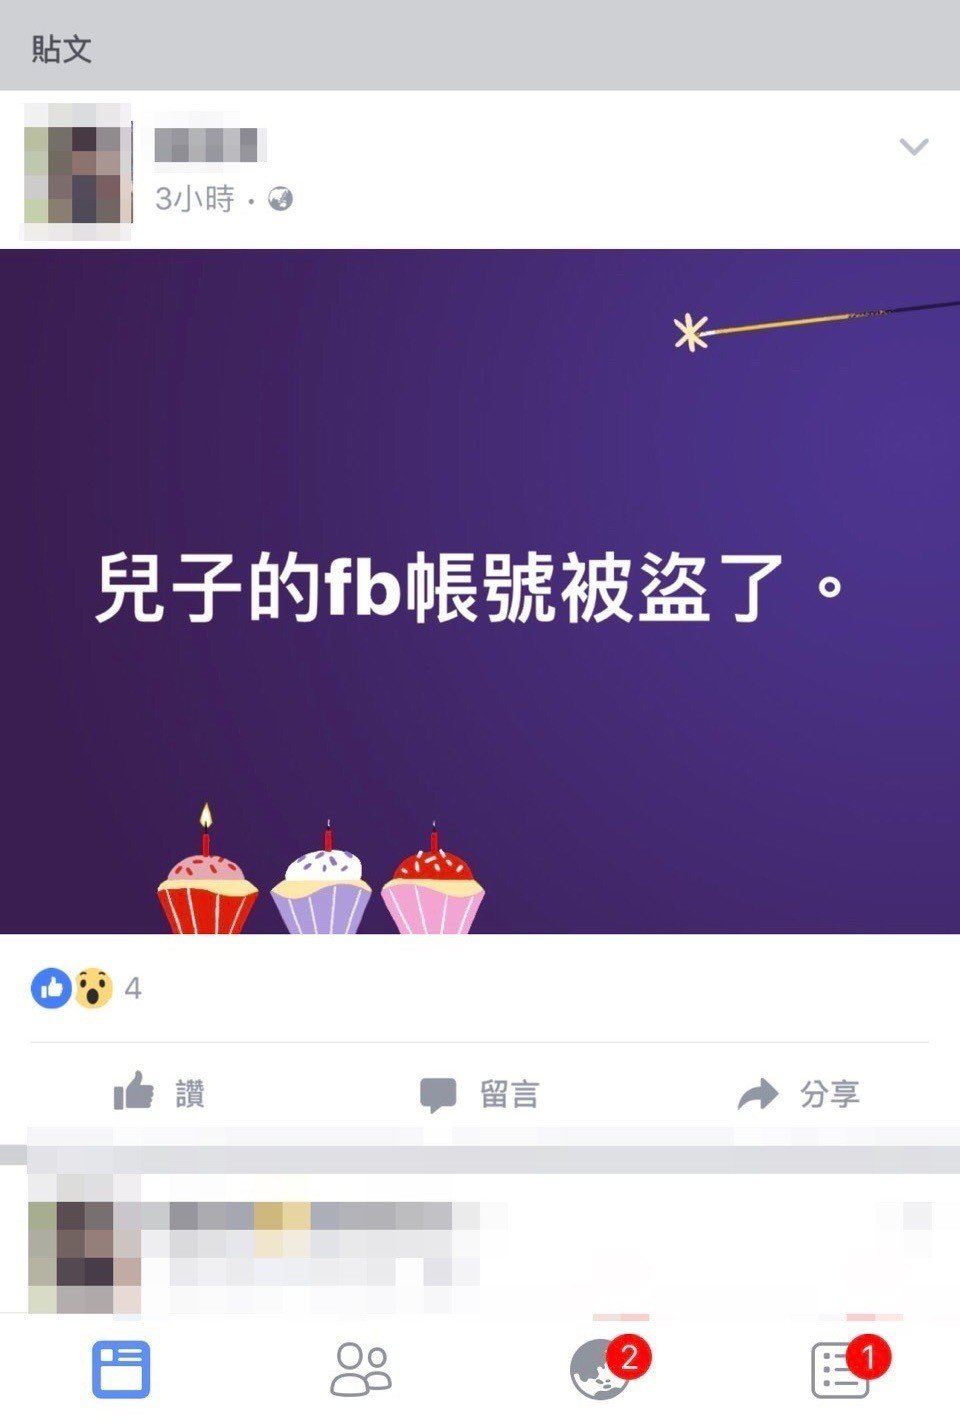 台中市許姓國中生在臉書社團留言,宣稱要刺殺市長、炸毀車站,許母在臉書留言稱兒子被...